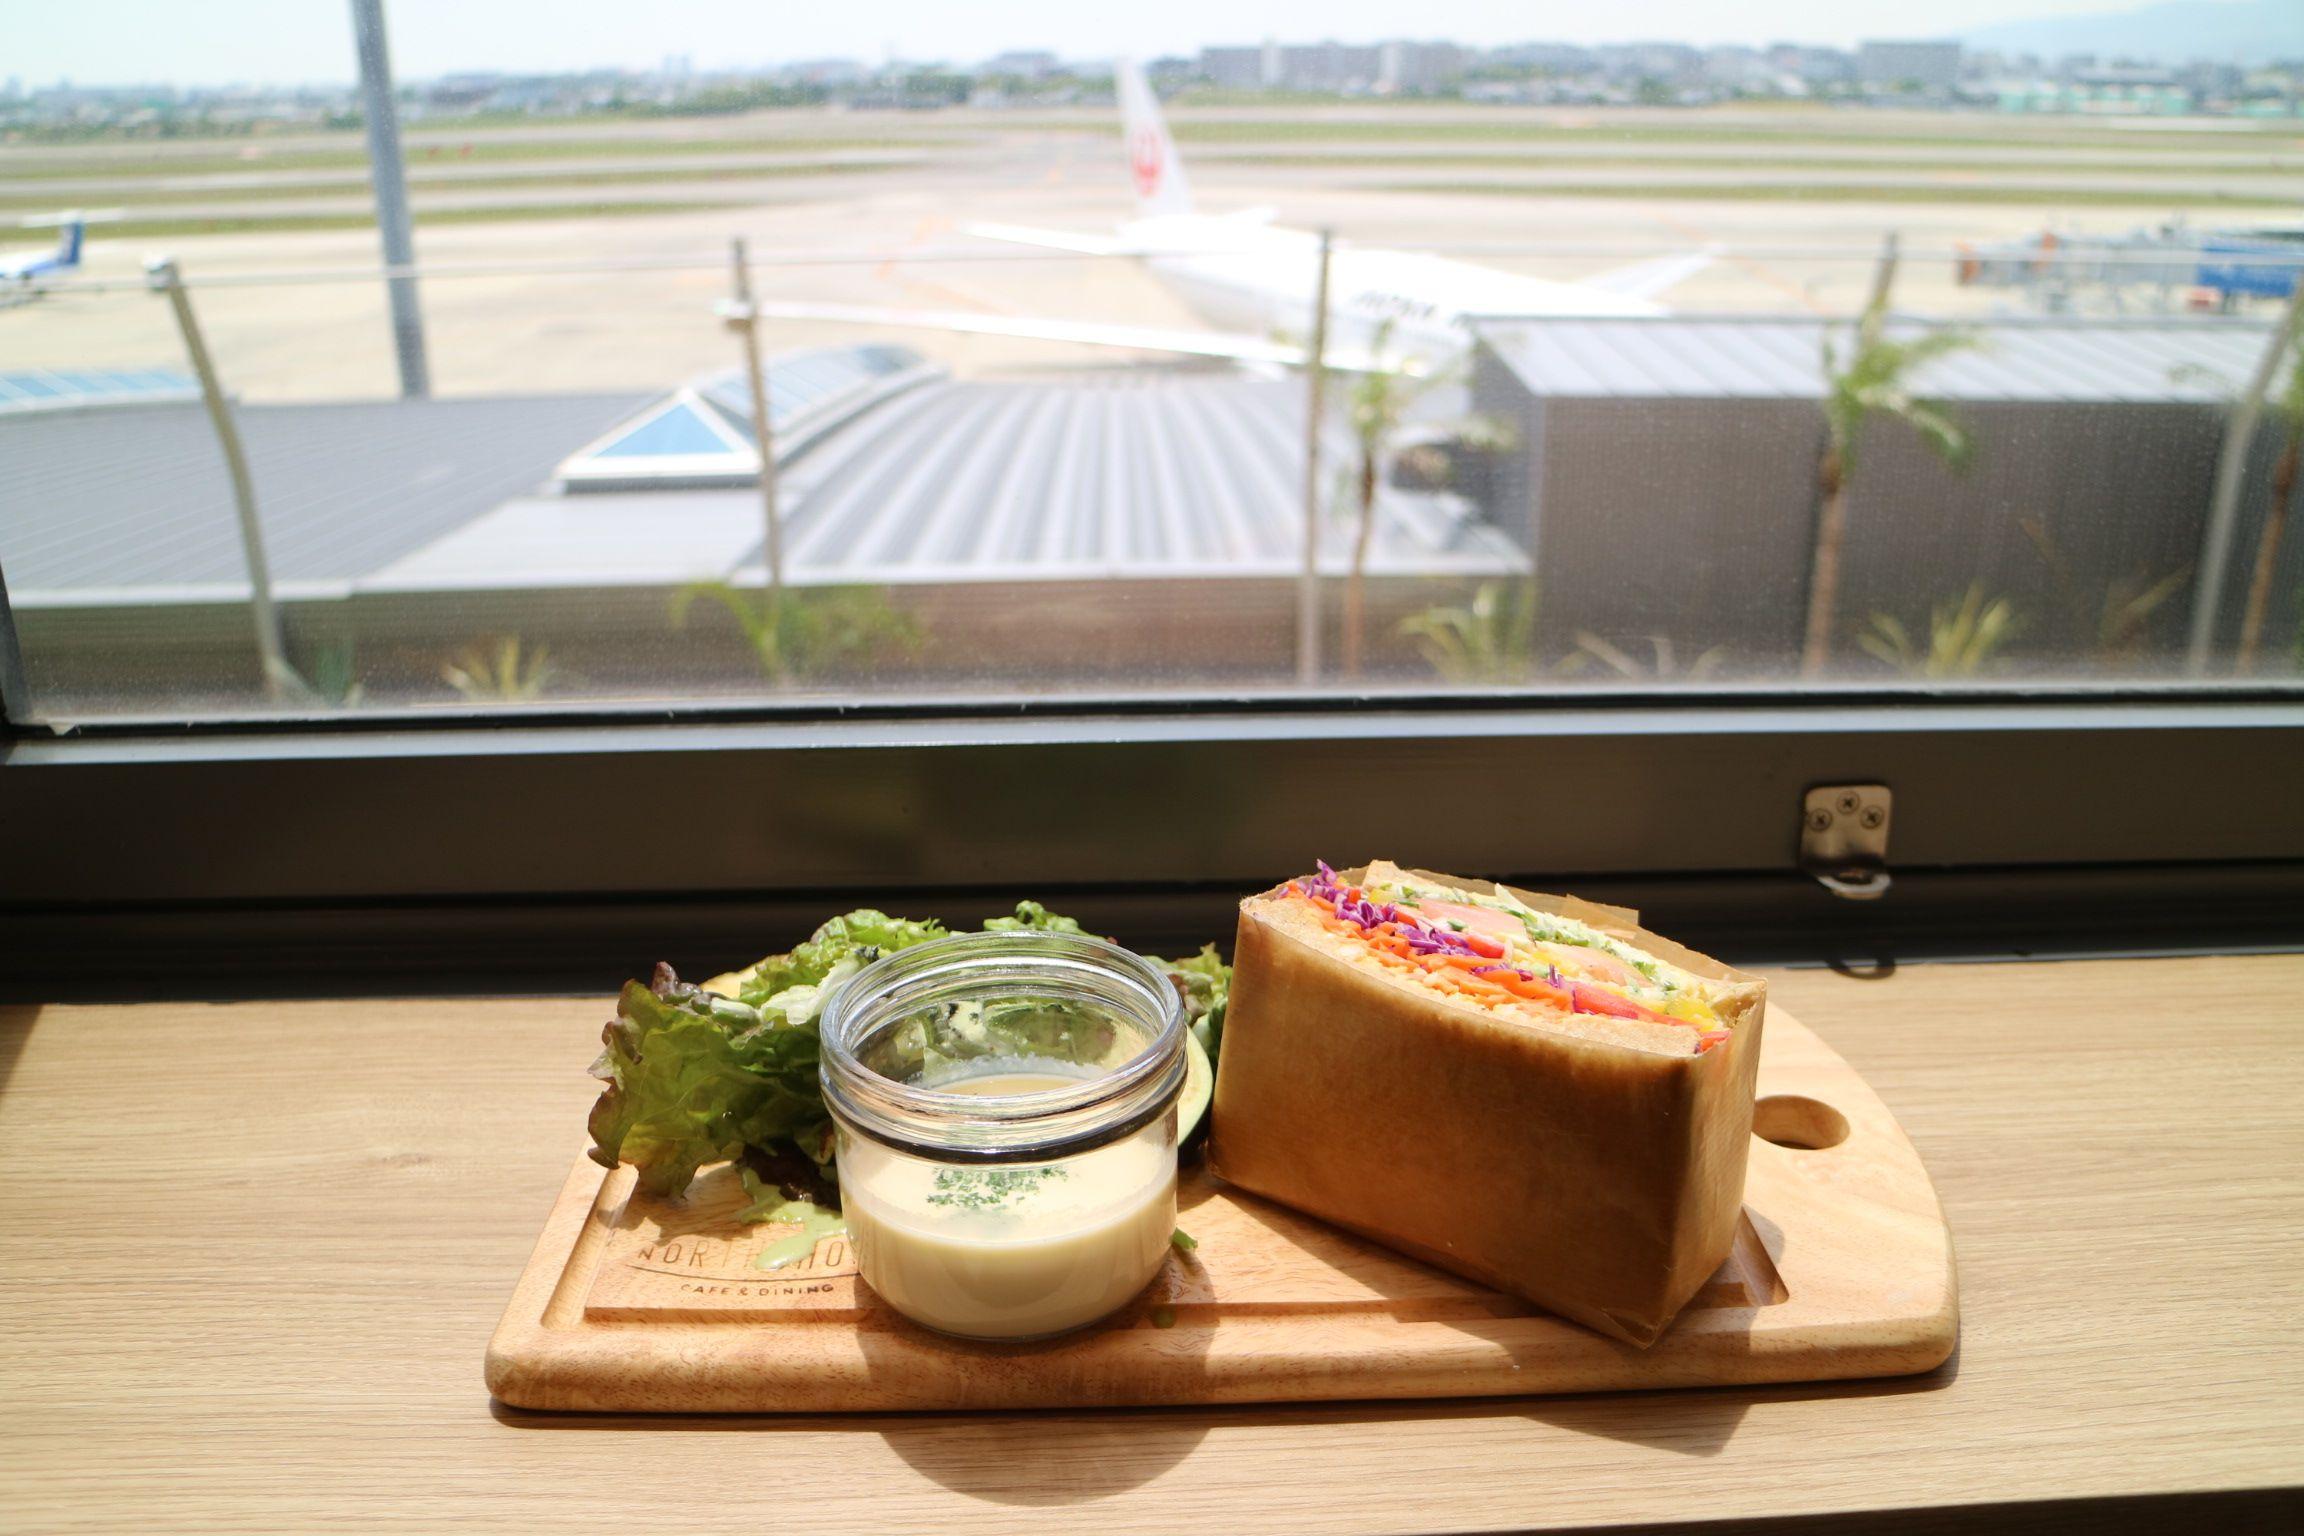 ノースショア伊丹空港店で飛行機を眺めながら